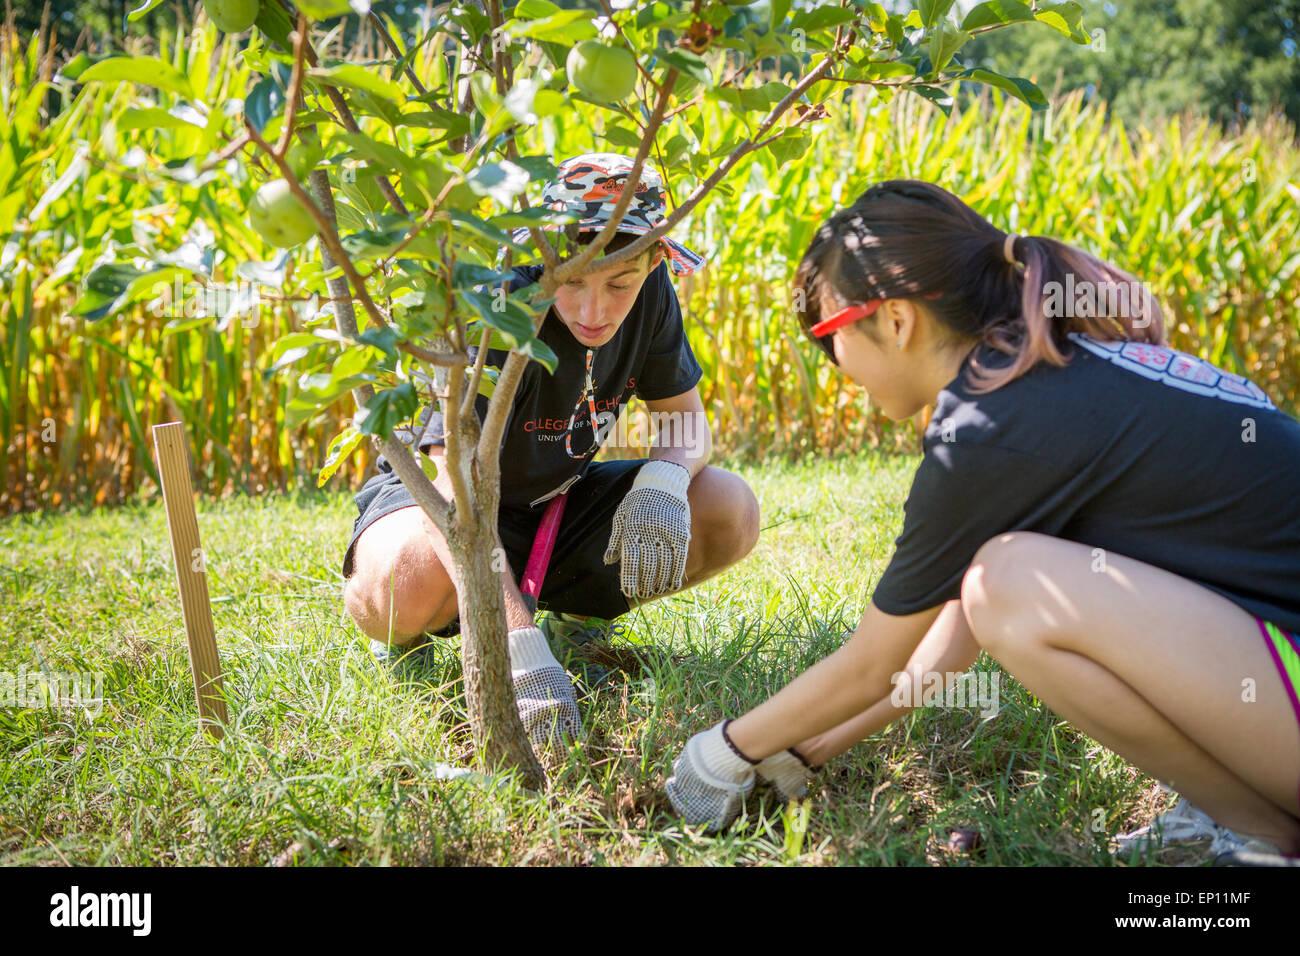 Zwei junge Erwachsene, die einen Baum zu Pflanzen. Stockbild